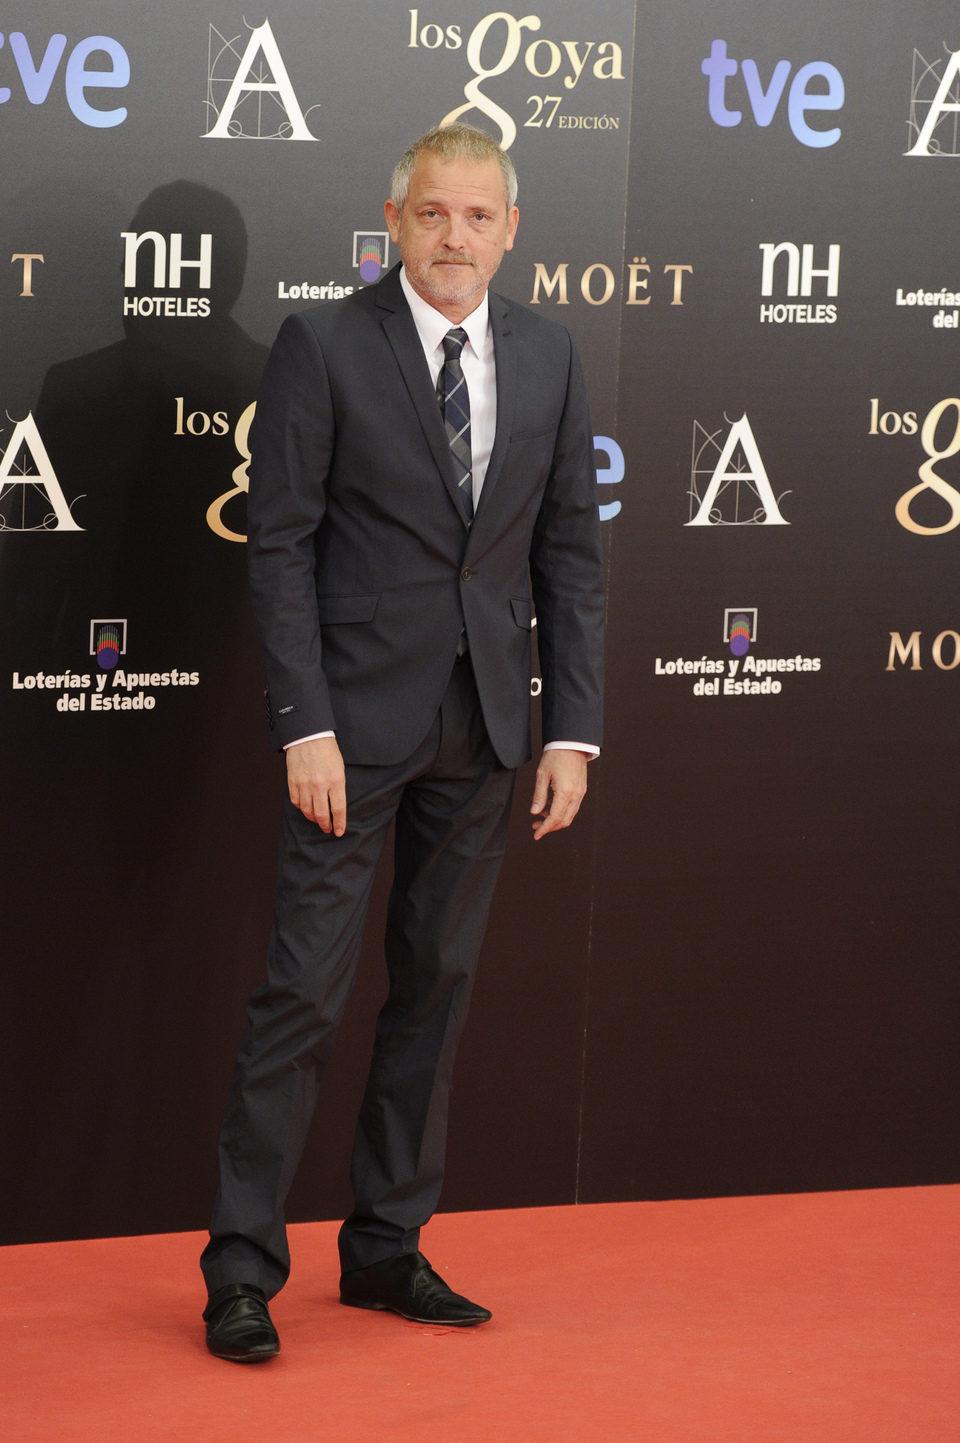 Jordi Rebellón en la alfombra roja los Goya 2013